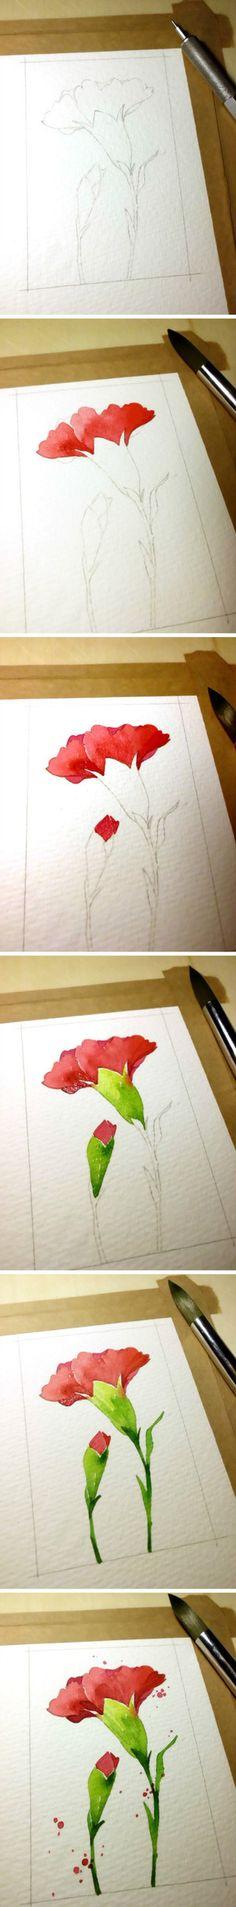 【绘画教程】鸡冠花(虹撒花)画法-插画家园-插画家园原创水彩插画-插画家园【小白的花花世界——第四辑】-3-插画家园,治愈系植物小清新 - 堆糖 发现生活_收集美好_分享图片